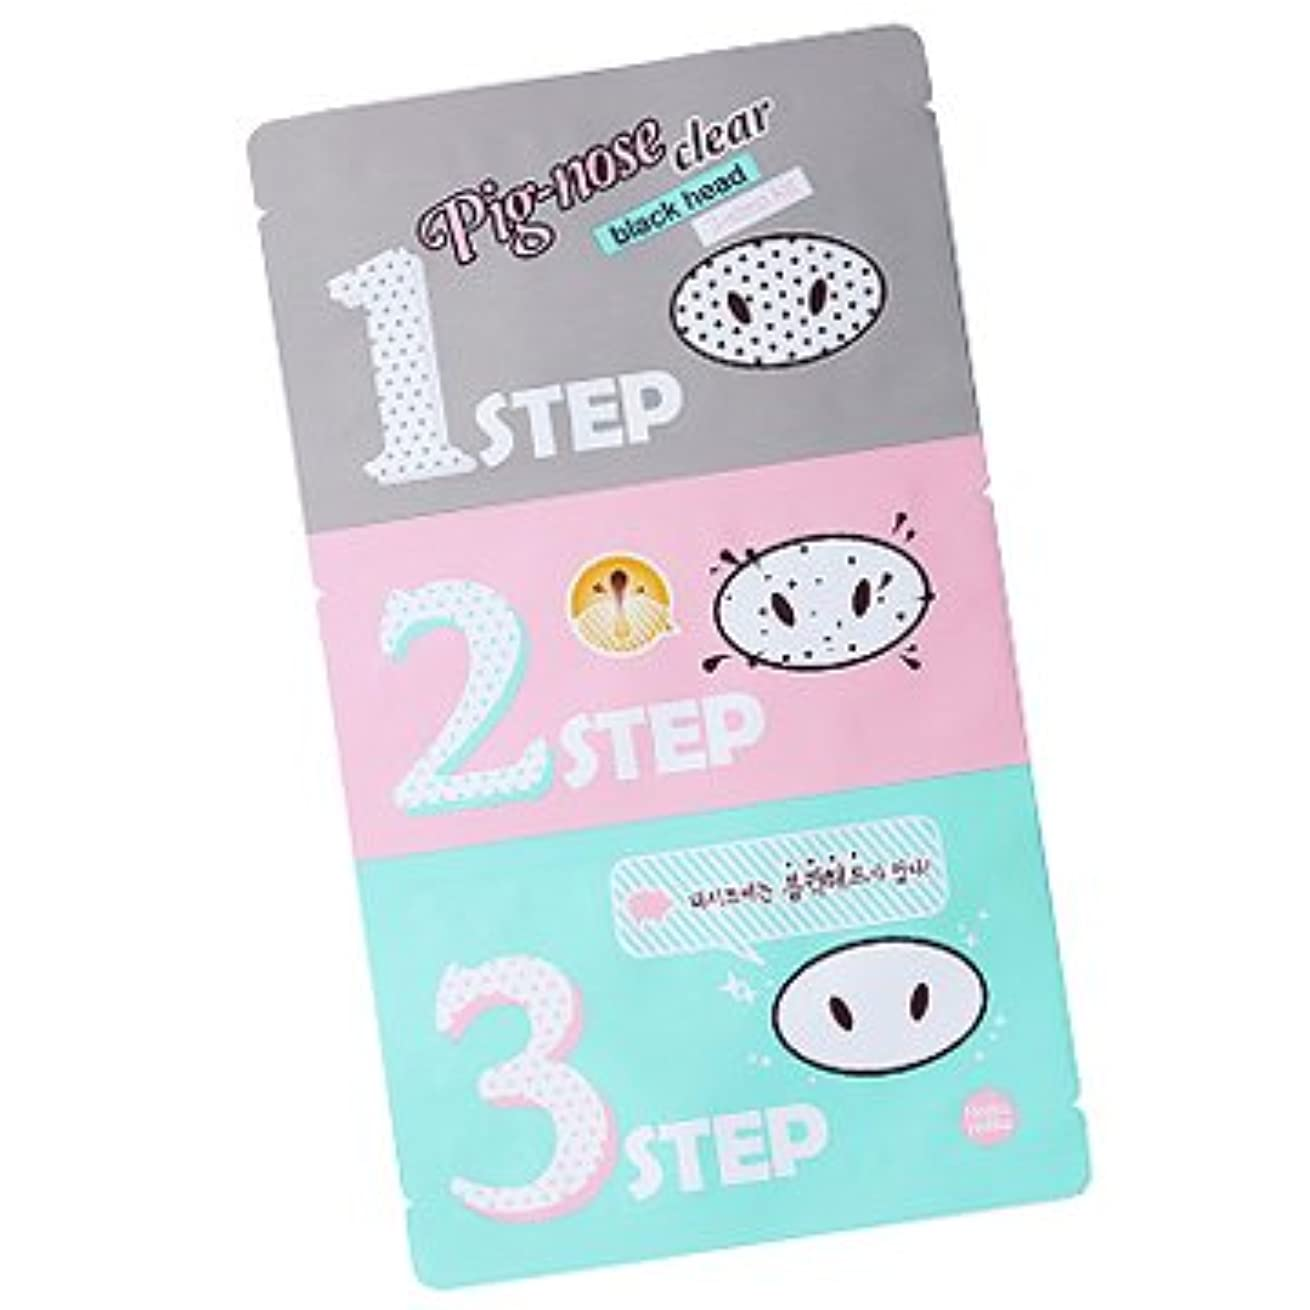 加速度アボート強風Holika Holika Pig Nose Clear Black Head 3-Step Kit 3EA (Nose Pack) ホリカホリカ ピグノーズクリアブラックヘッド3-Stepキット(鼻パック) 3pcs...